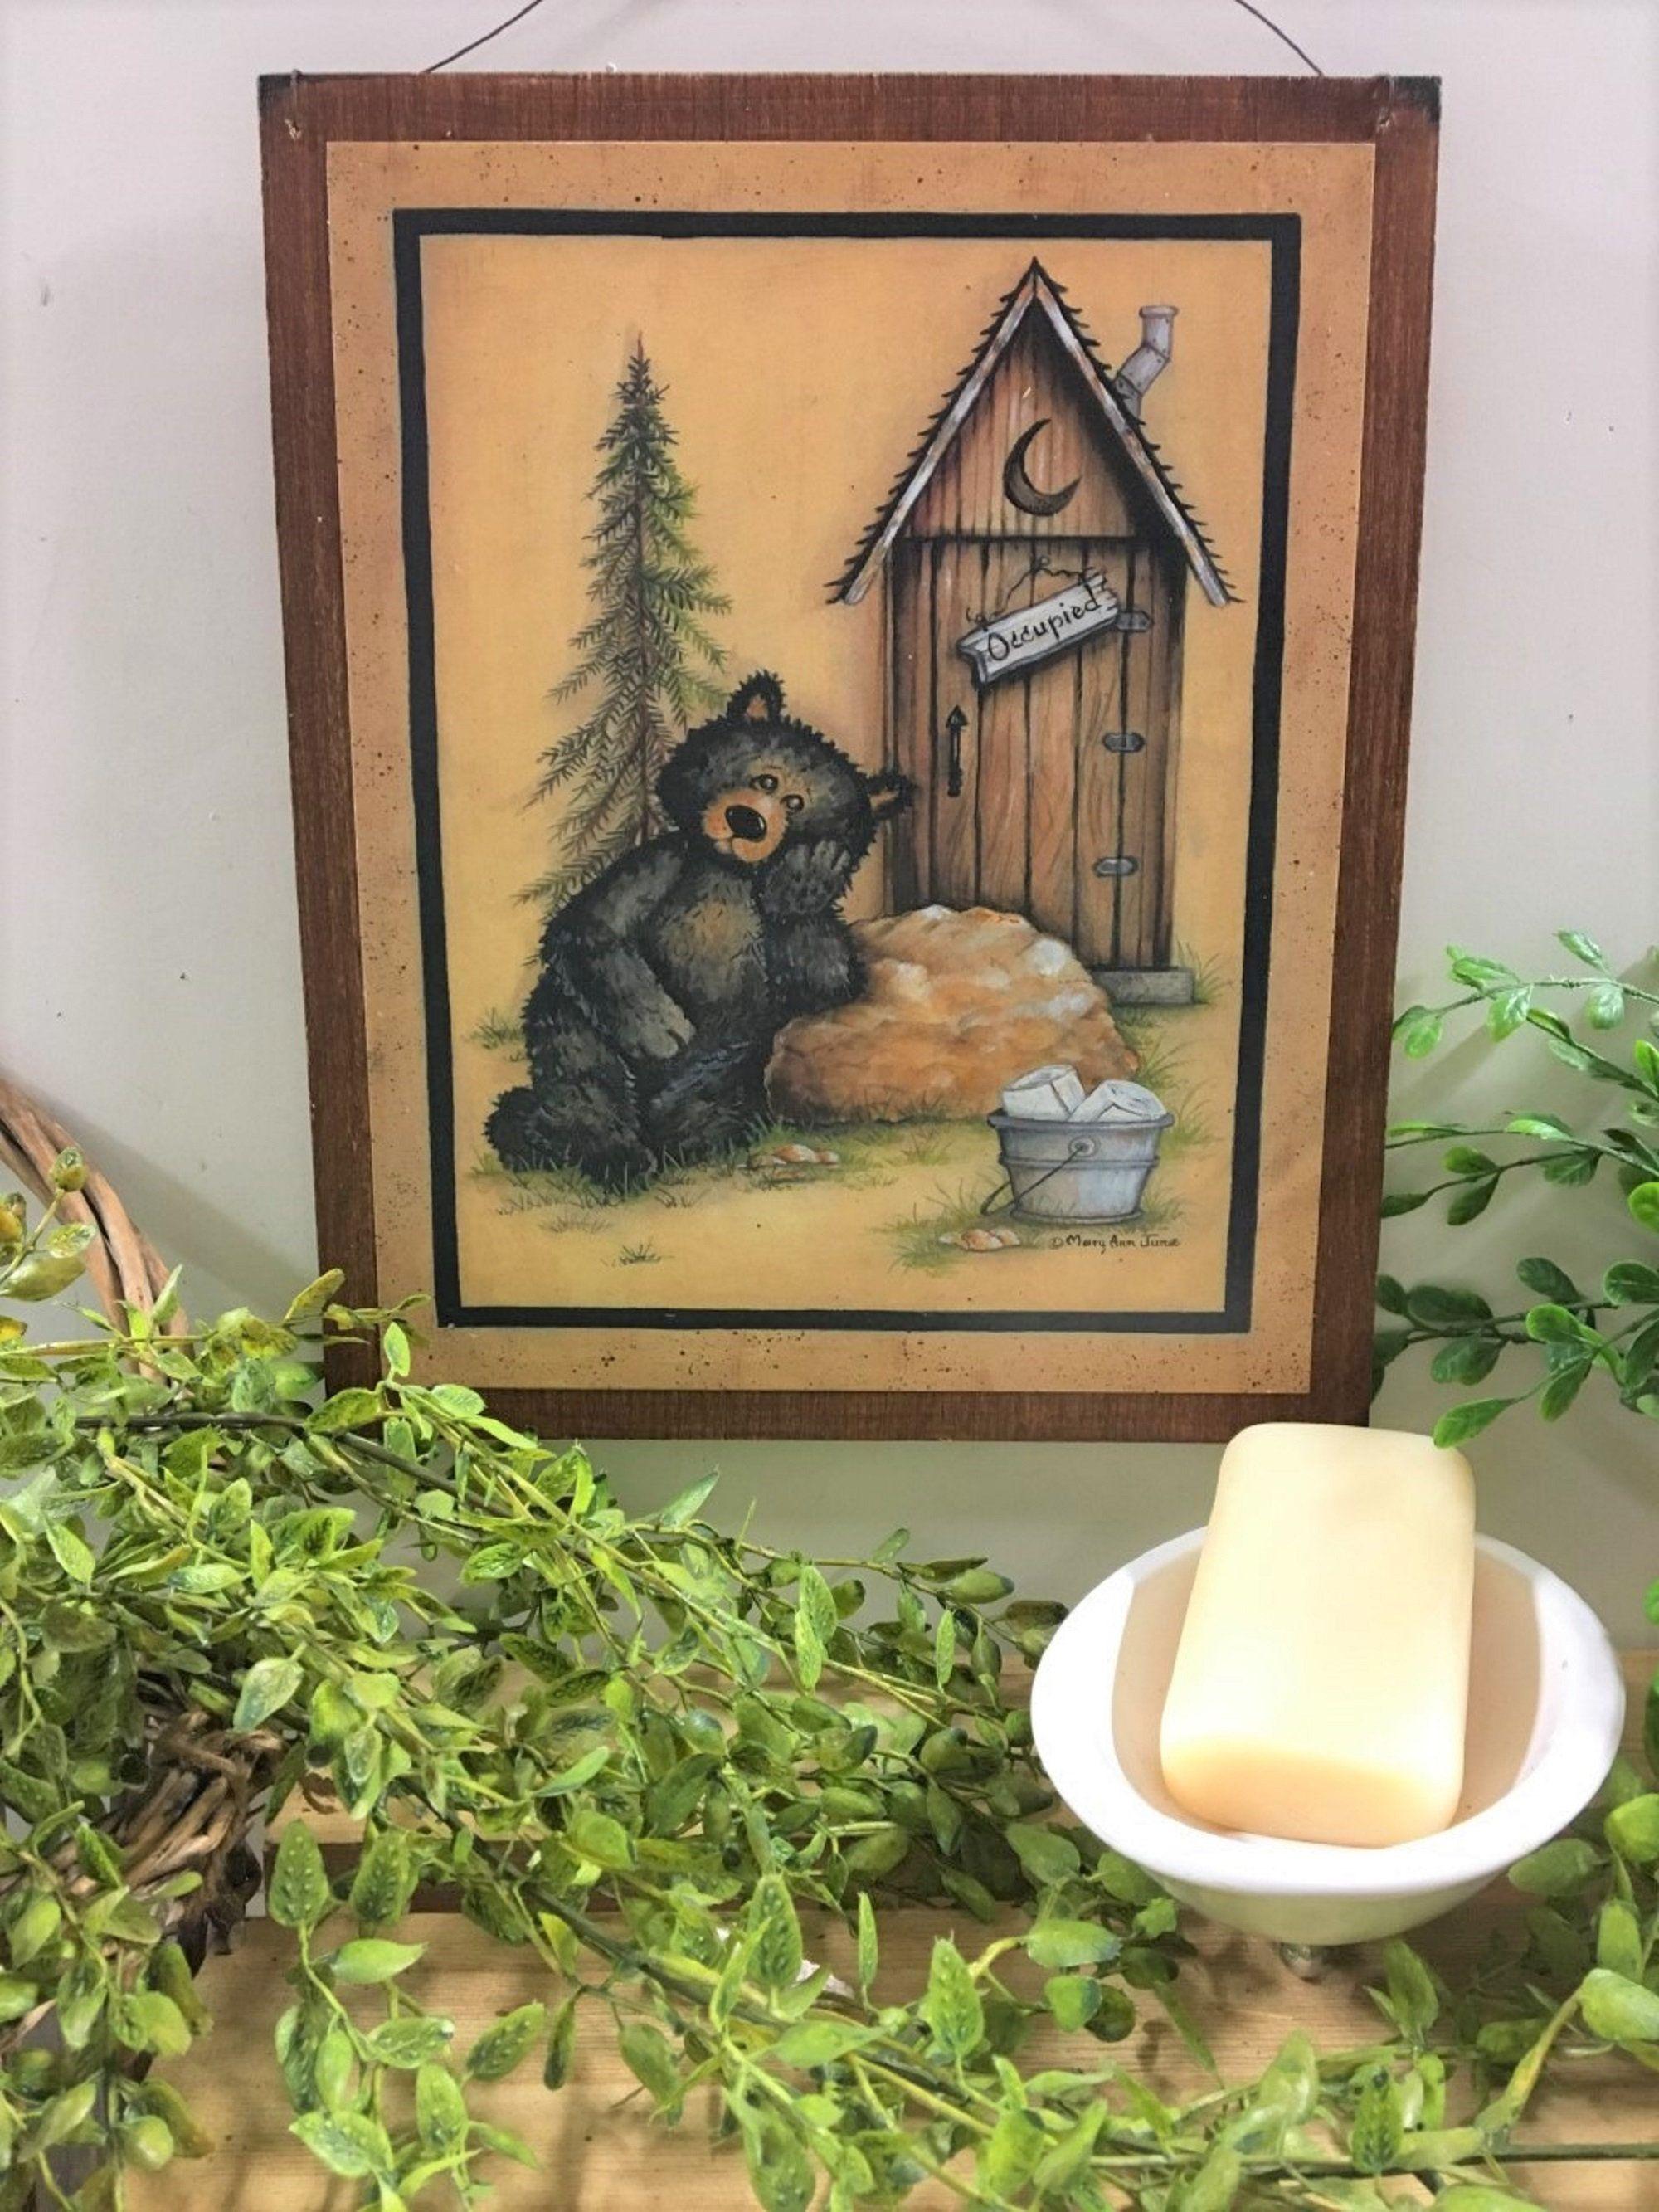 Cabin Bear Bathroom Sign Occupied Black Bears Outhouse Lodge Etsy Bathroom Signs Outhouse Bathroom Decor Cabin Decor Country bear bathroom decor